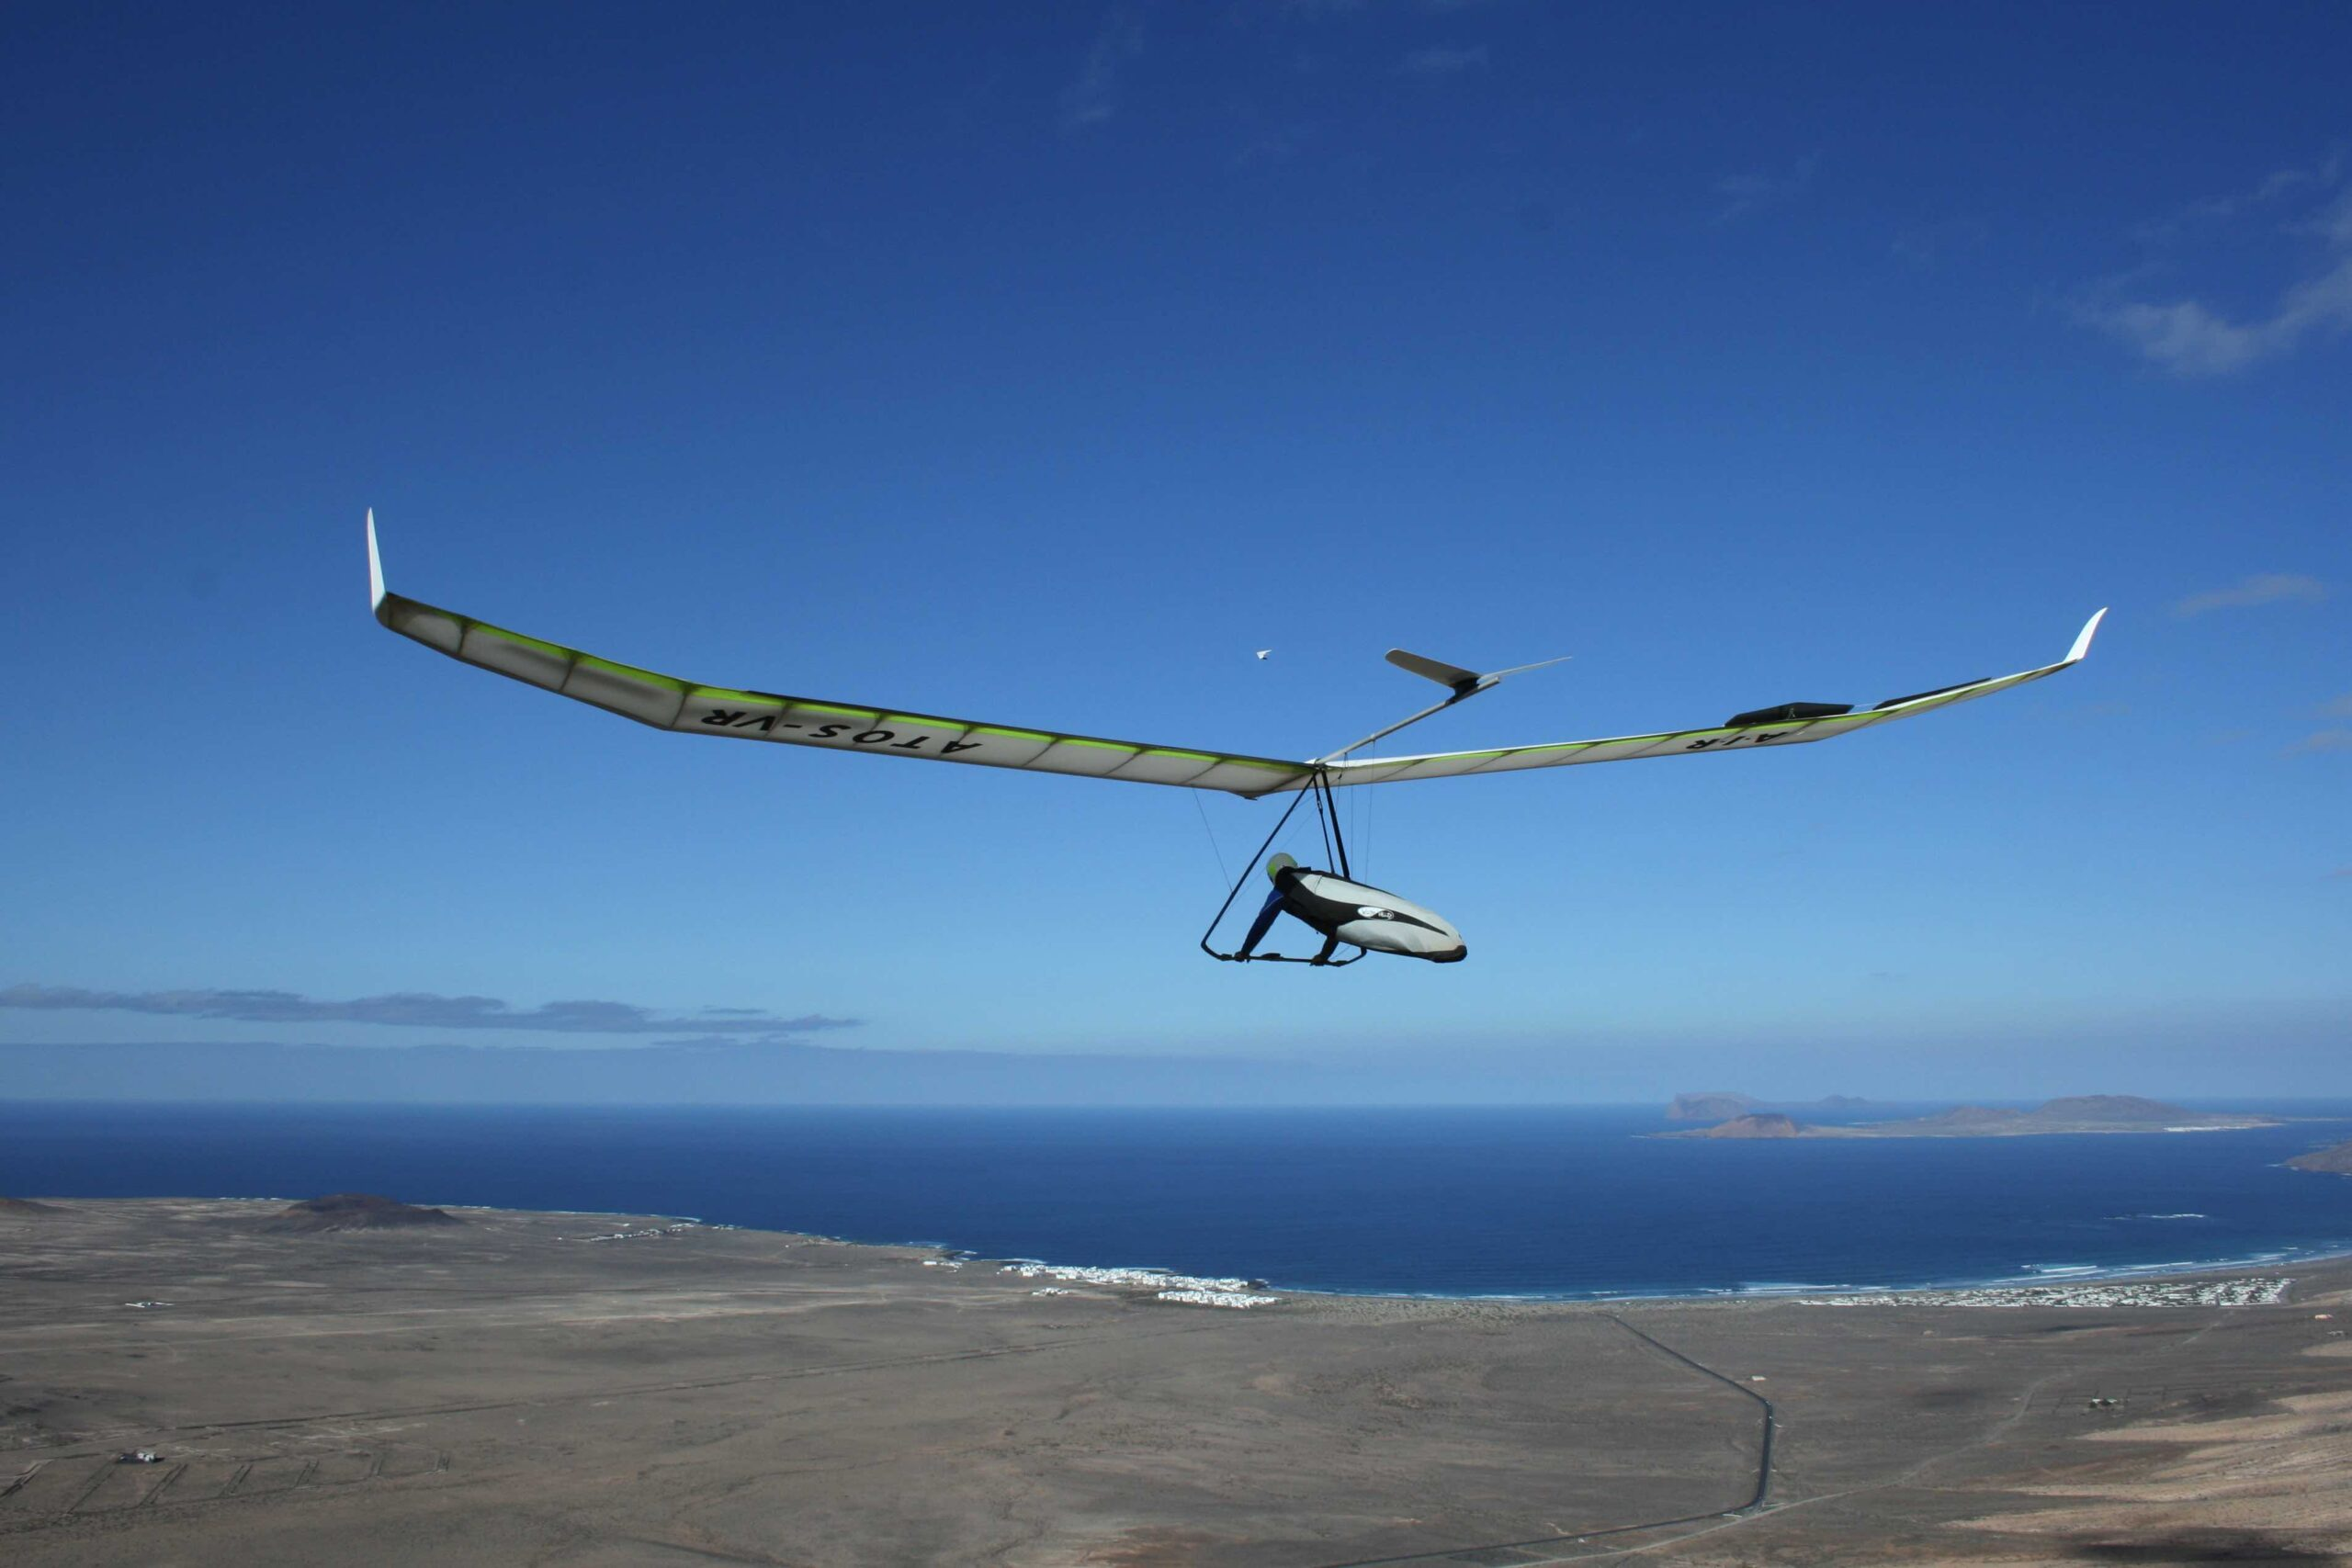 Ala delta Lanzarote Hang gliding